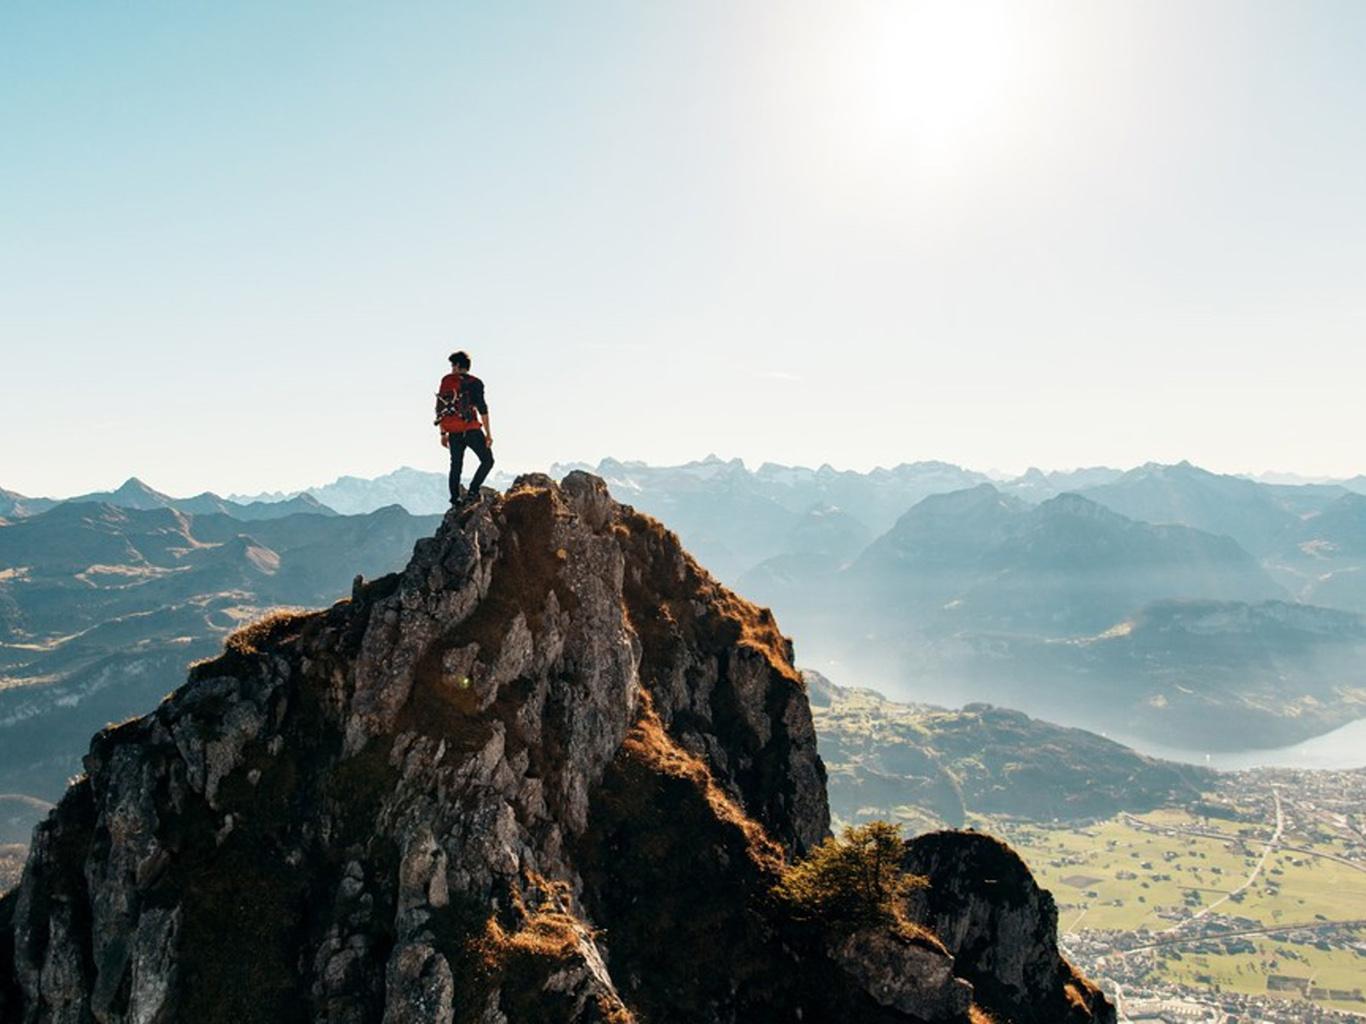 Как подготовиться к походу в горы: полезные советы и варианты тренировок